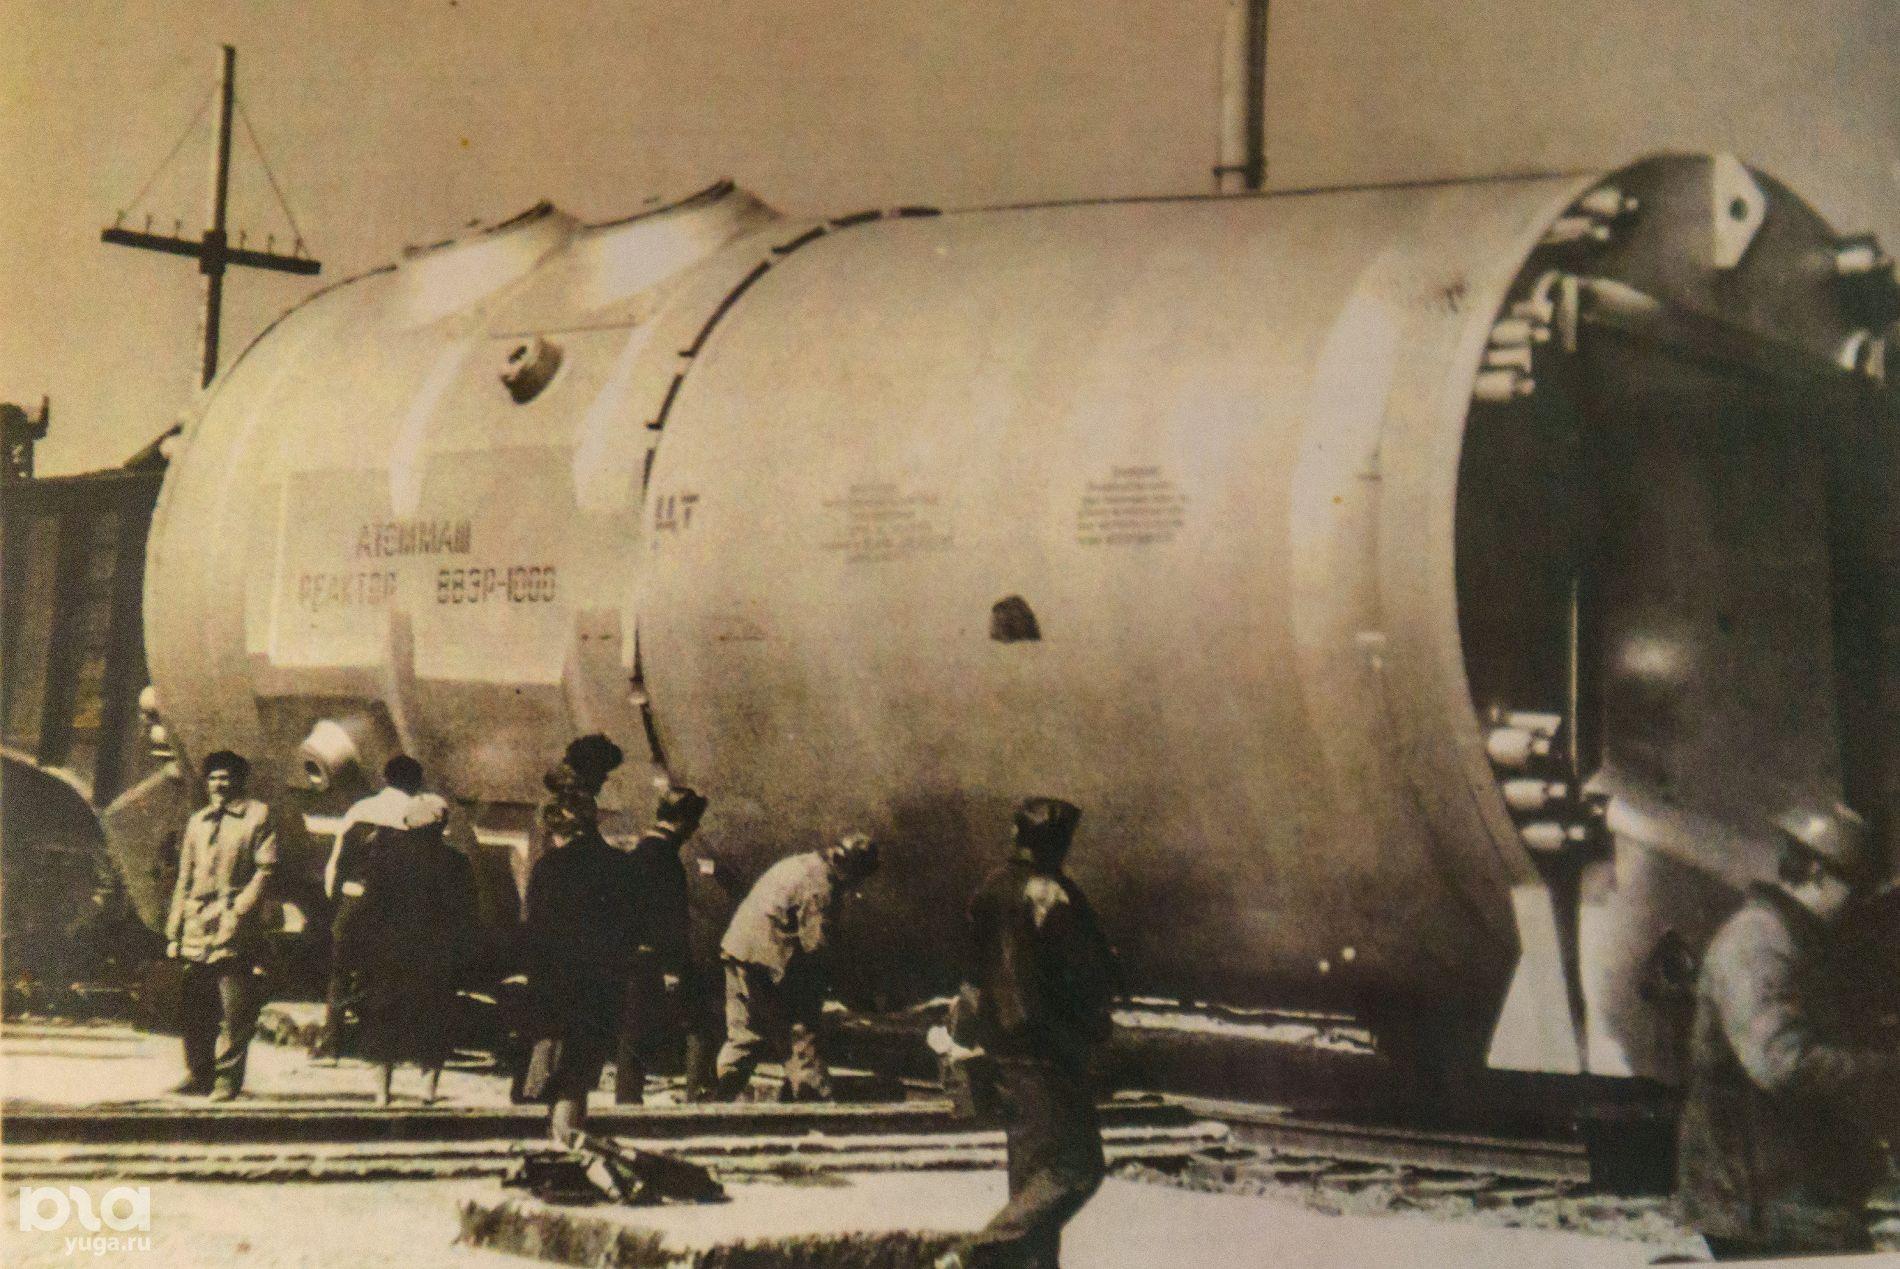 Реактор ВВЭР-1000 на стройплощадке Крымской АЭС в окрестностях Щелкино ©Фото из архива Виталия Торопова